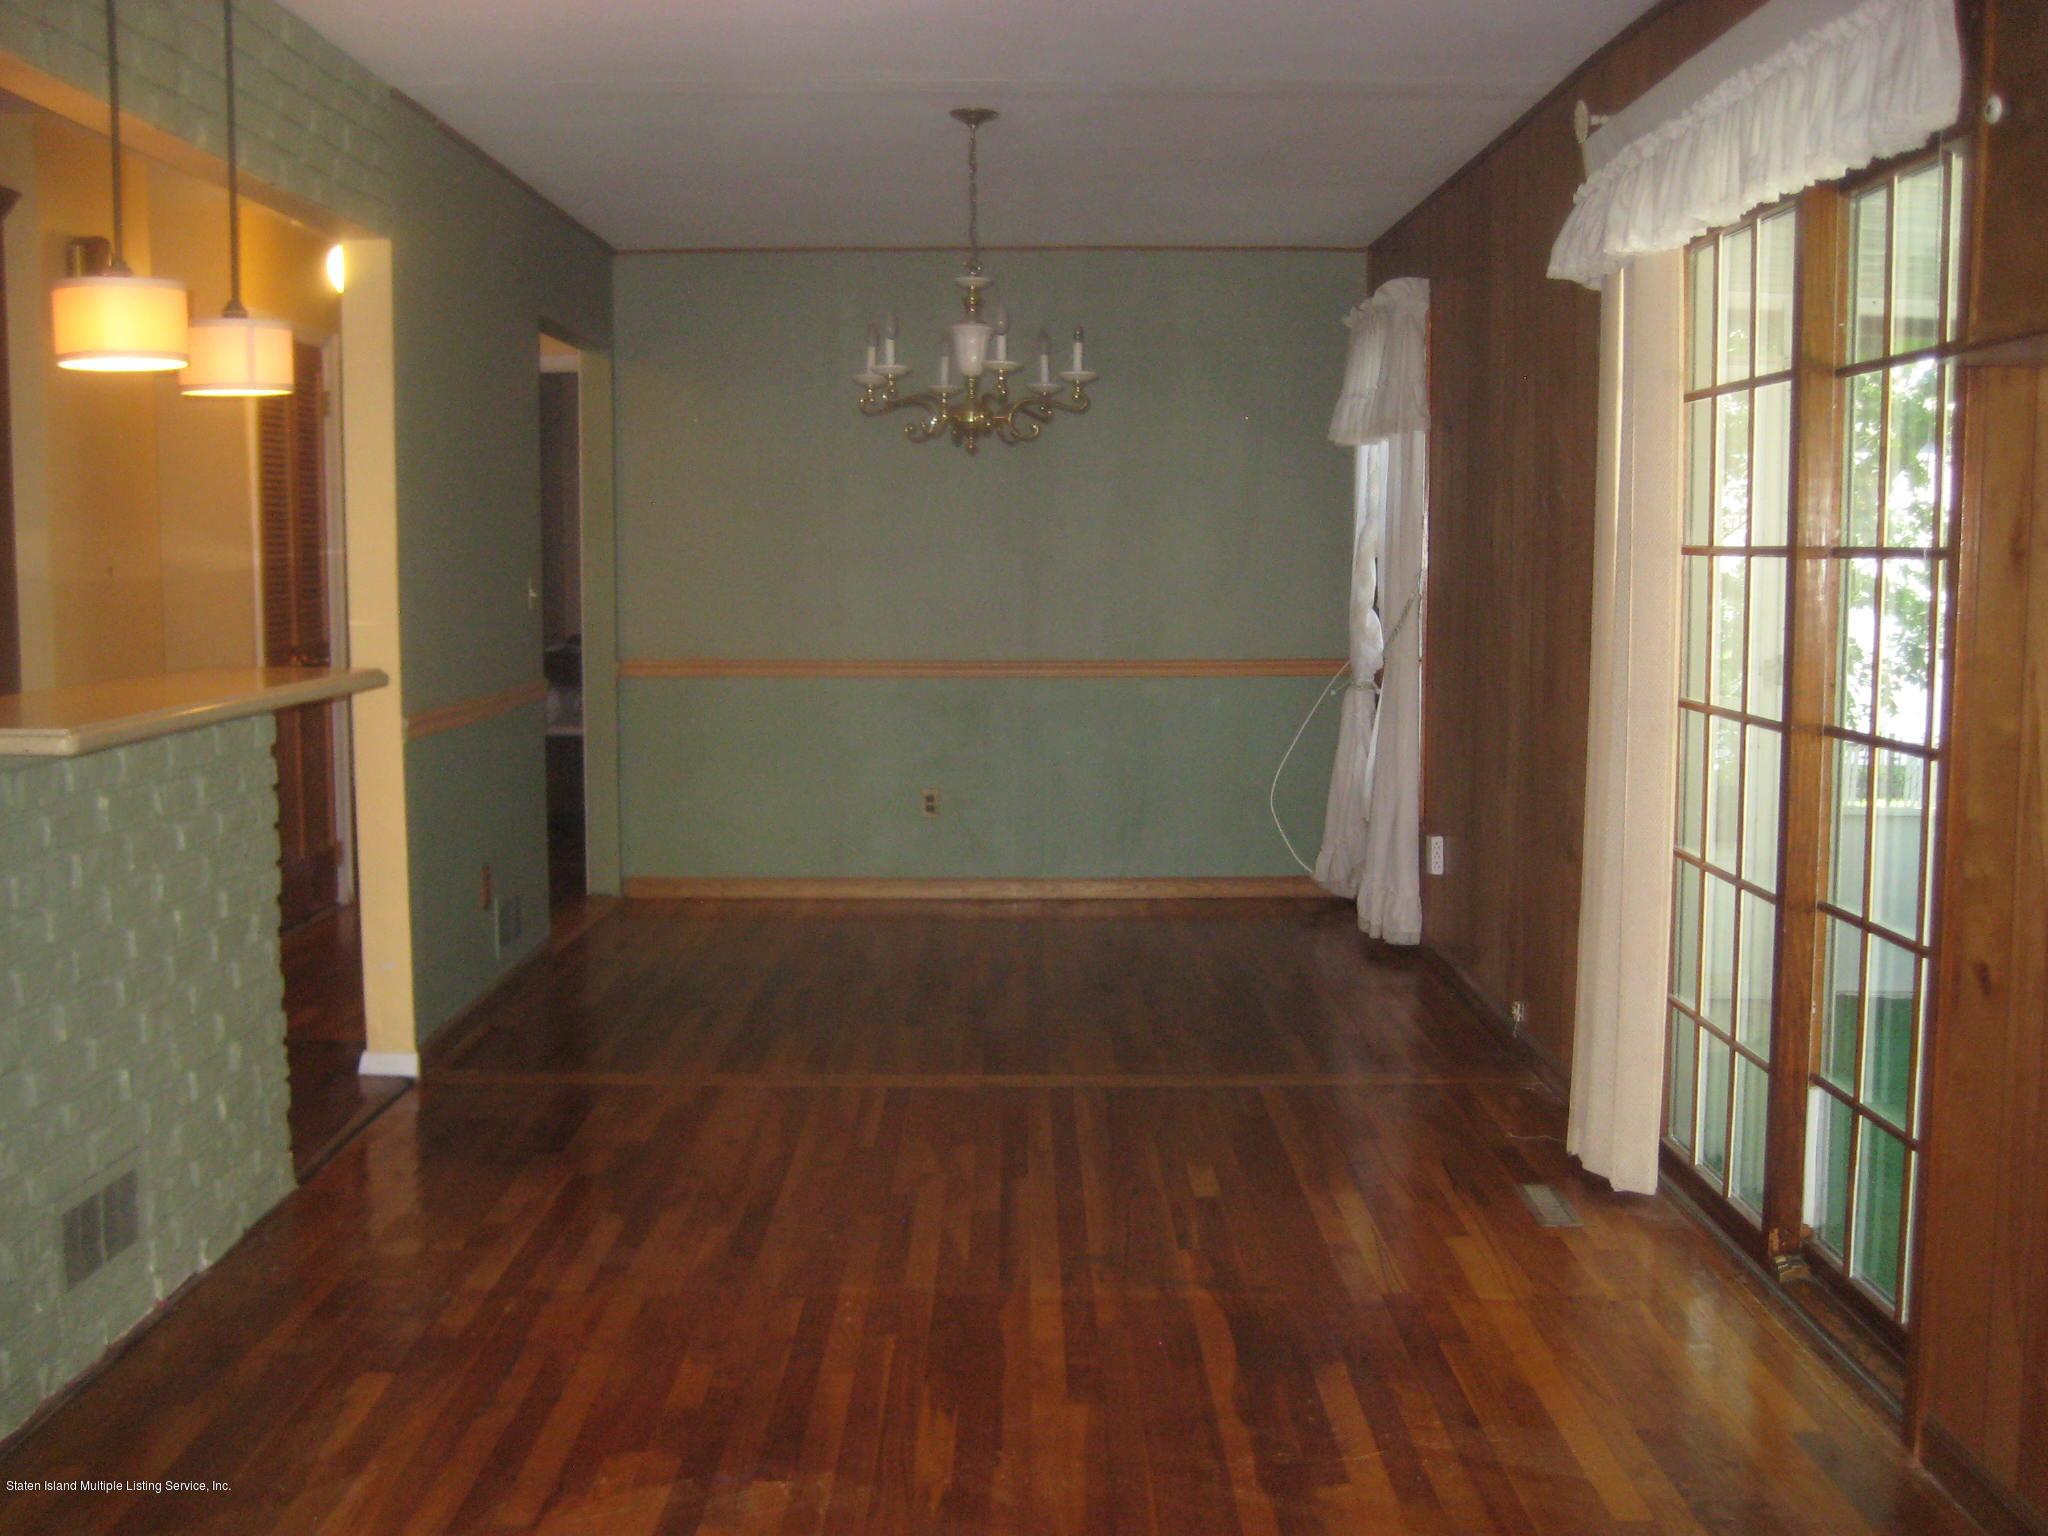 Single Family - Detached 88 Leverett Avenue  Staten Island, NY 10308, MLS-1131026-8